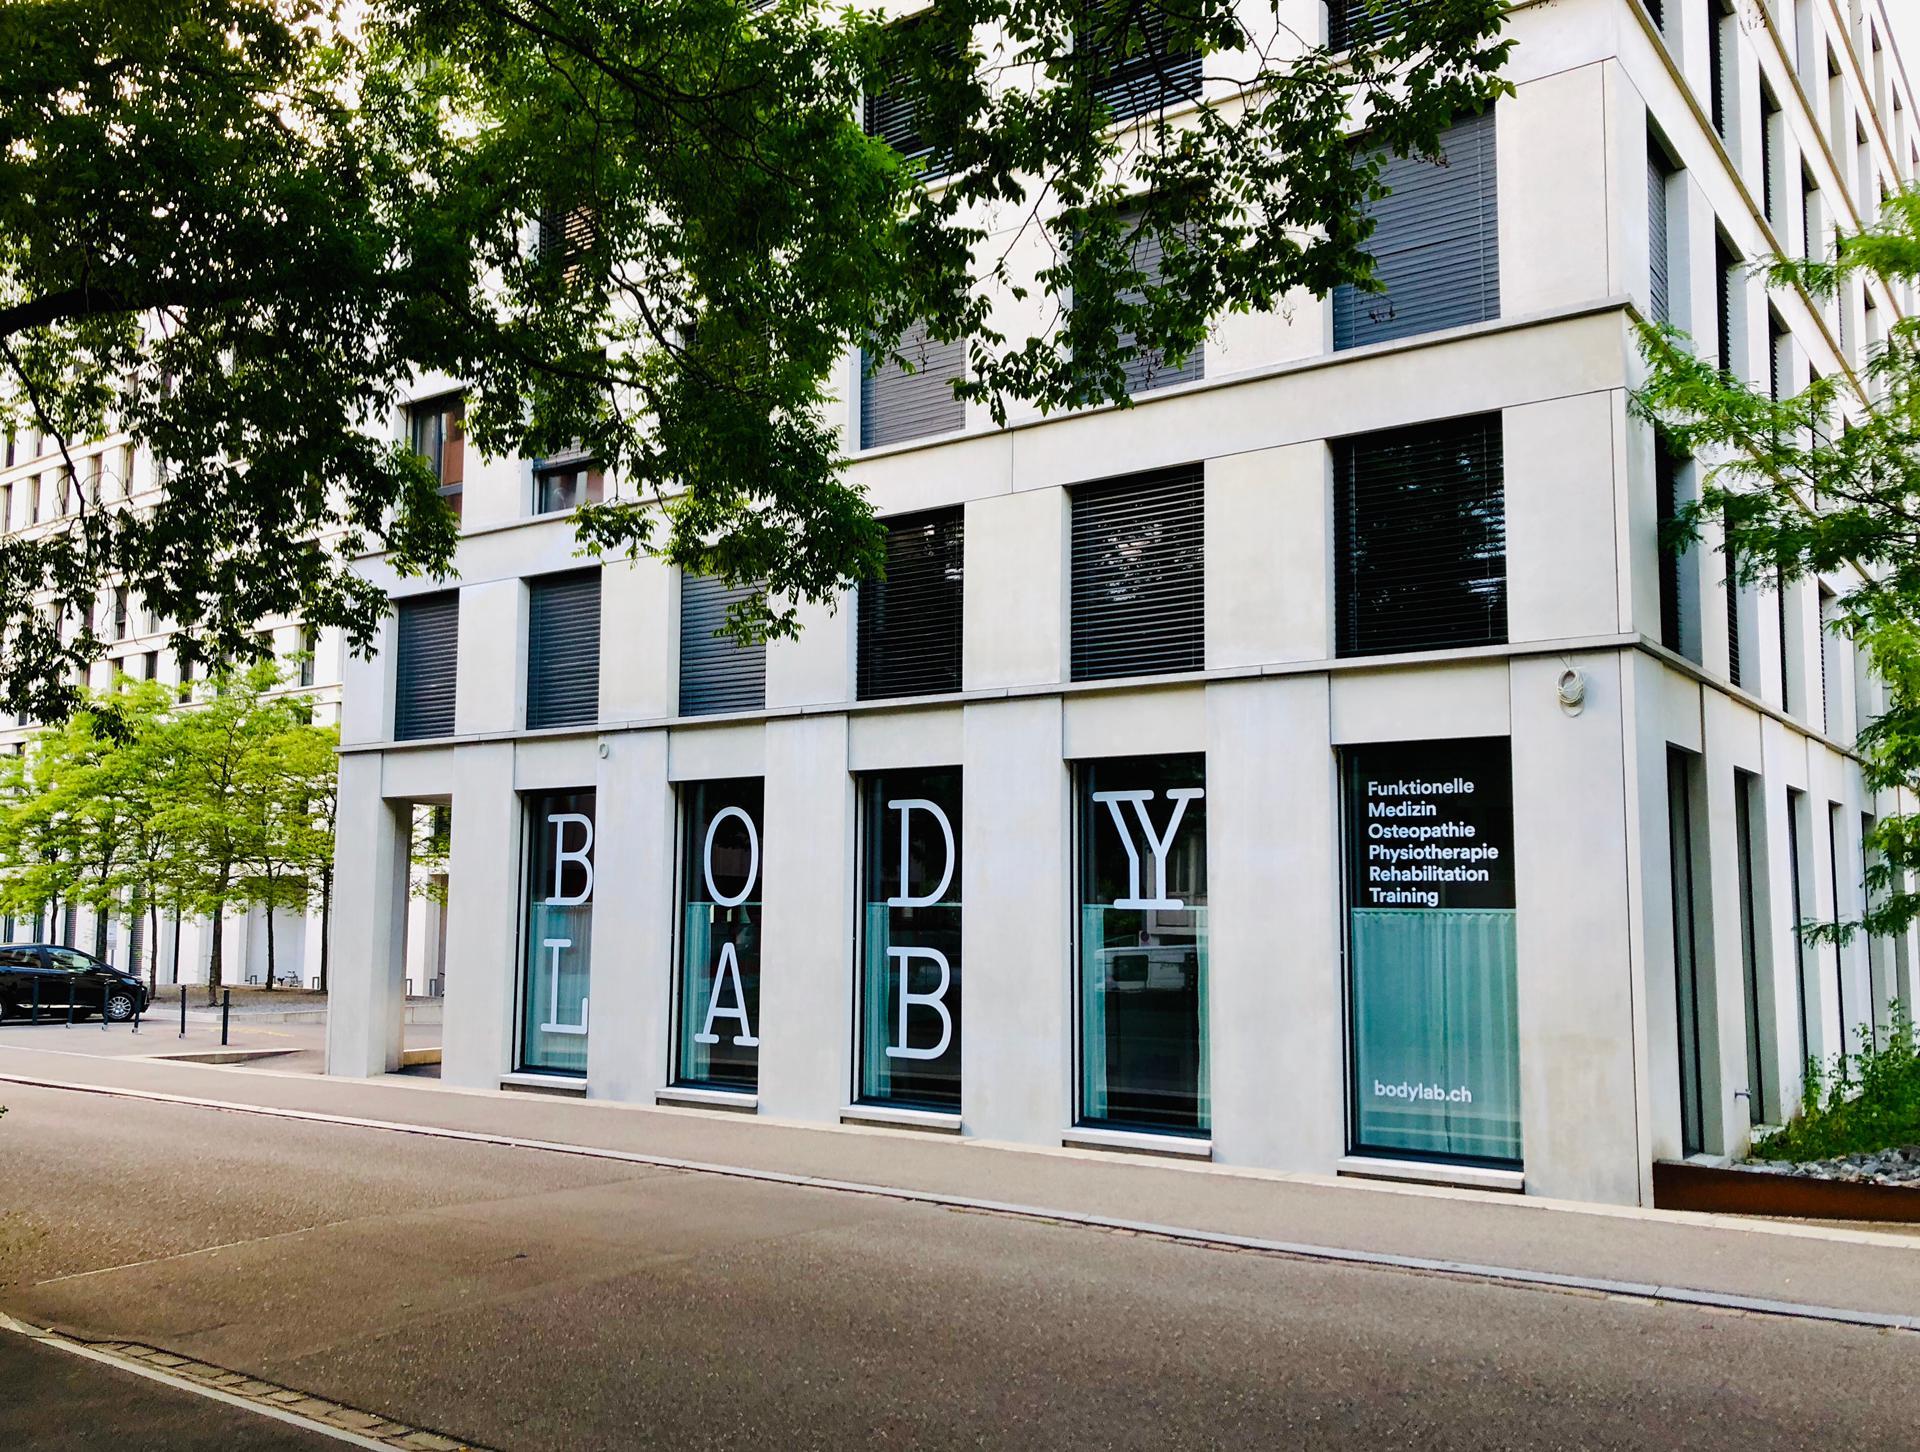 BodyLab Osteopathie Physiotherapie Rehabilitation Training Zürich